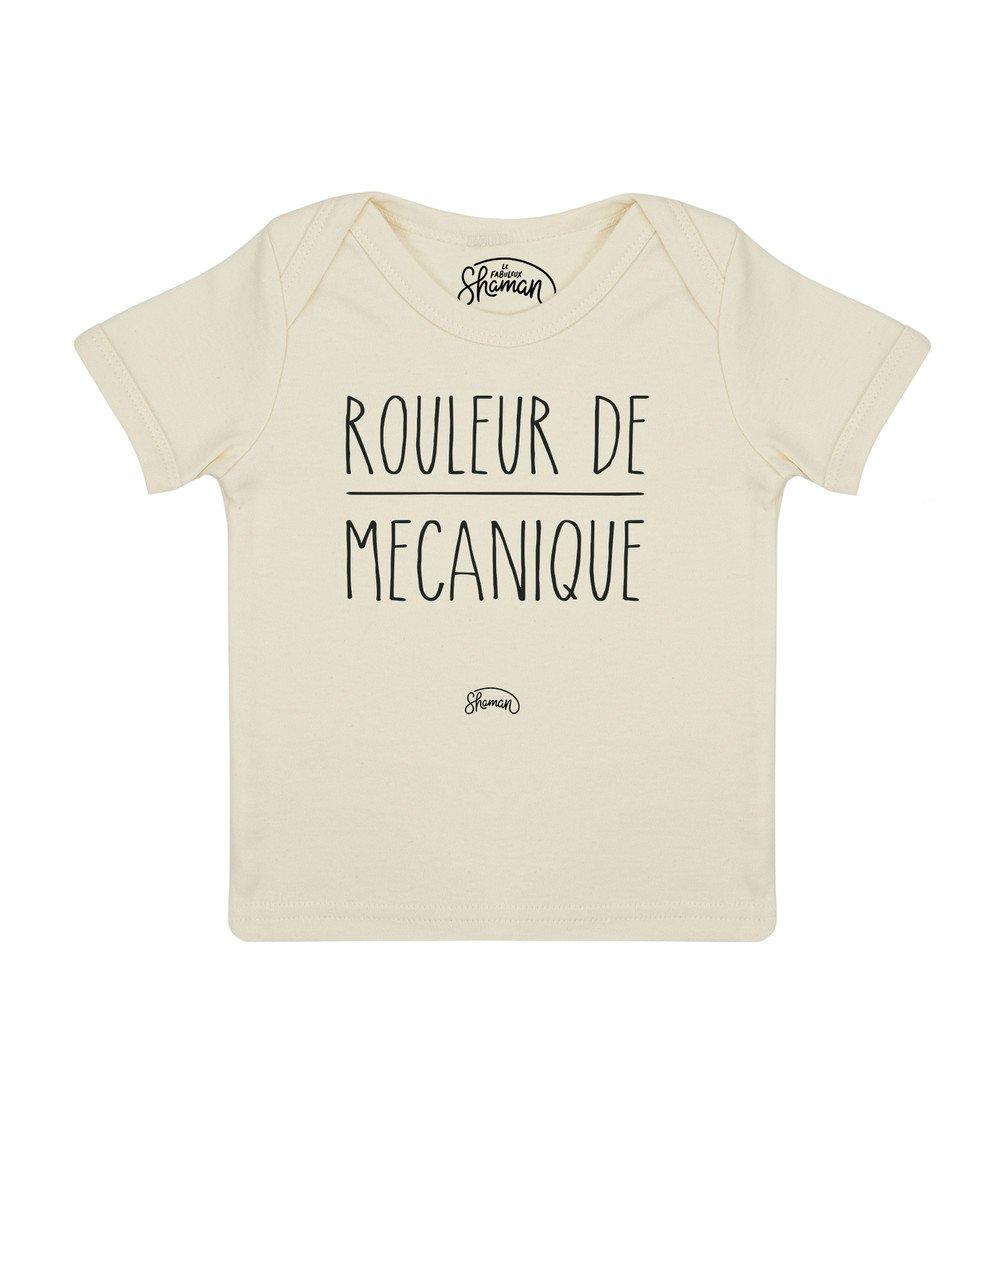 Tee shirt Rouleur de mecanique